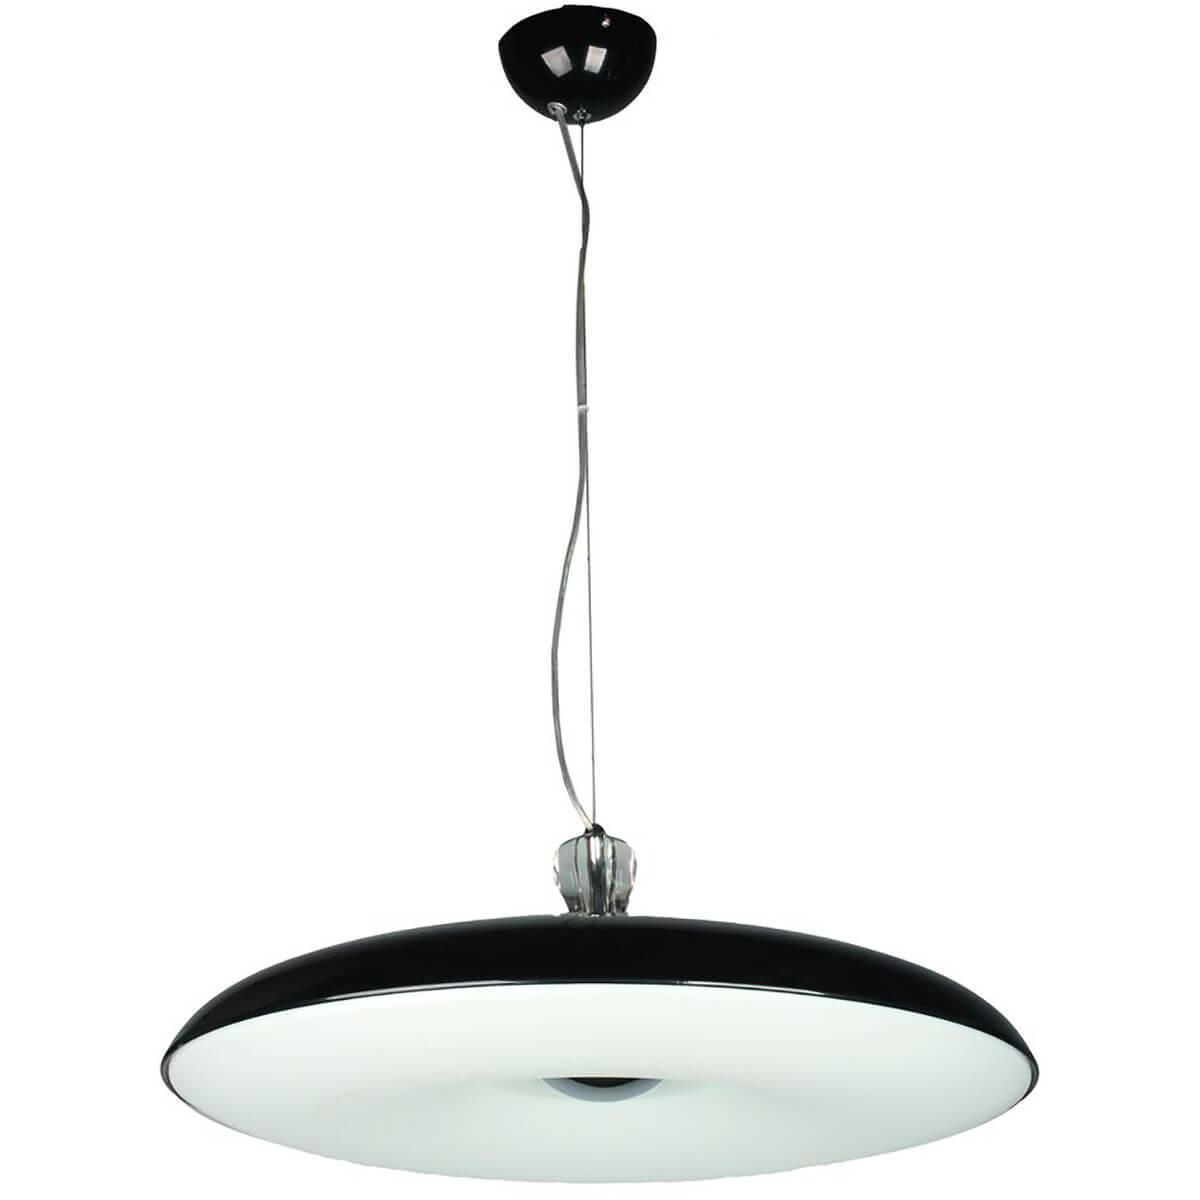 Подвесной светильник Omnilux OML-34716-01 подвесной светильник omnilux oml 34716 01